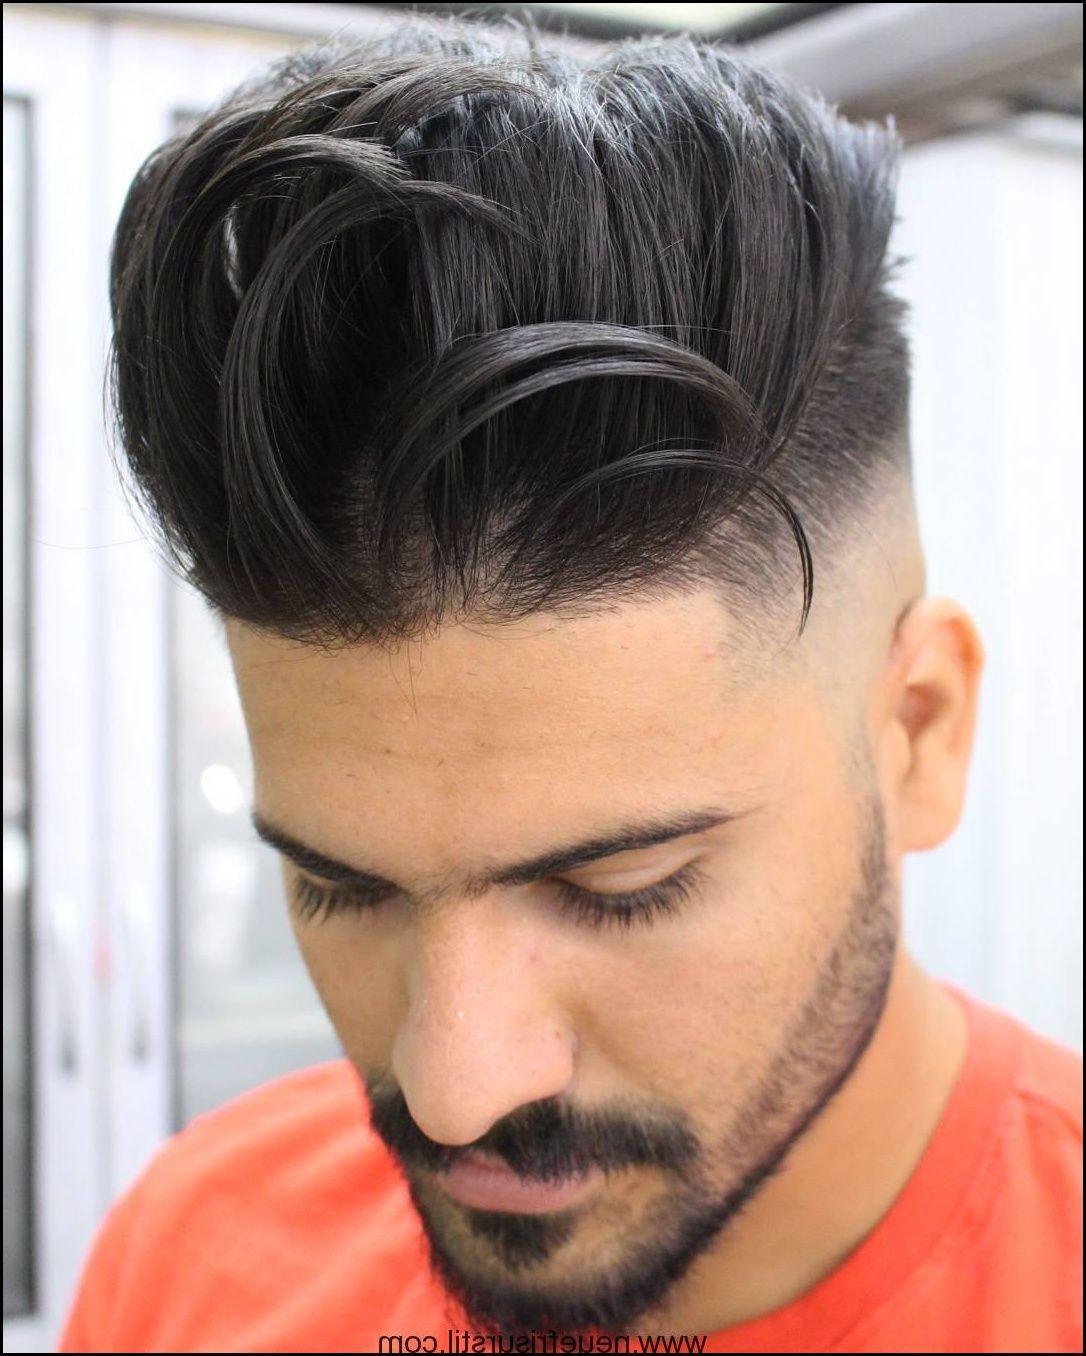 Moderne Pompadour Frisuren Fur Manner Im Jahr 2018 Neue Frisur